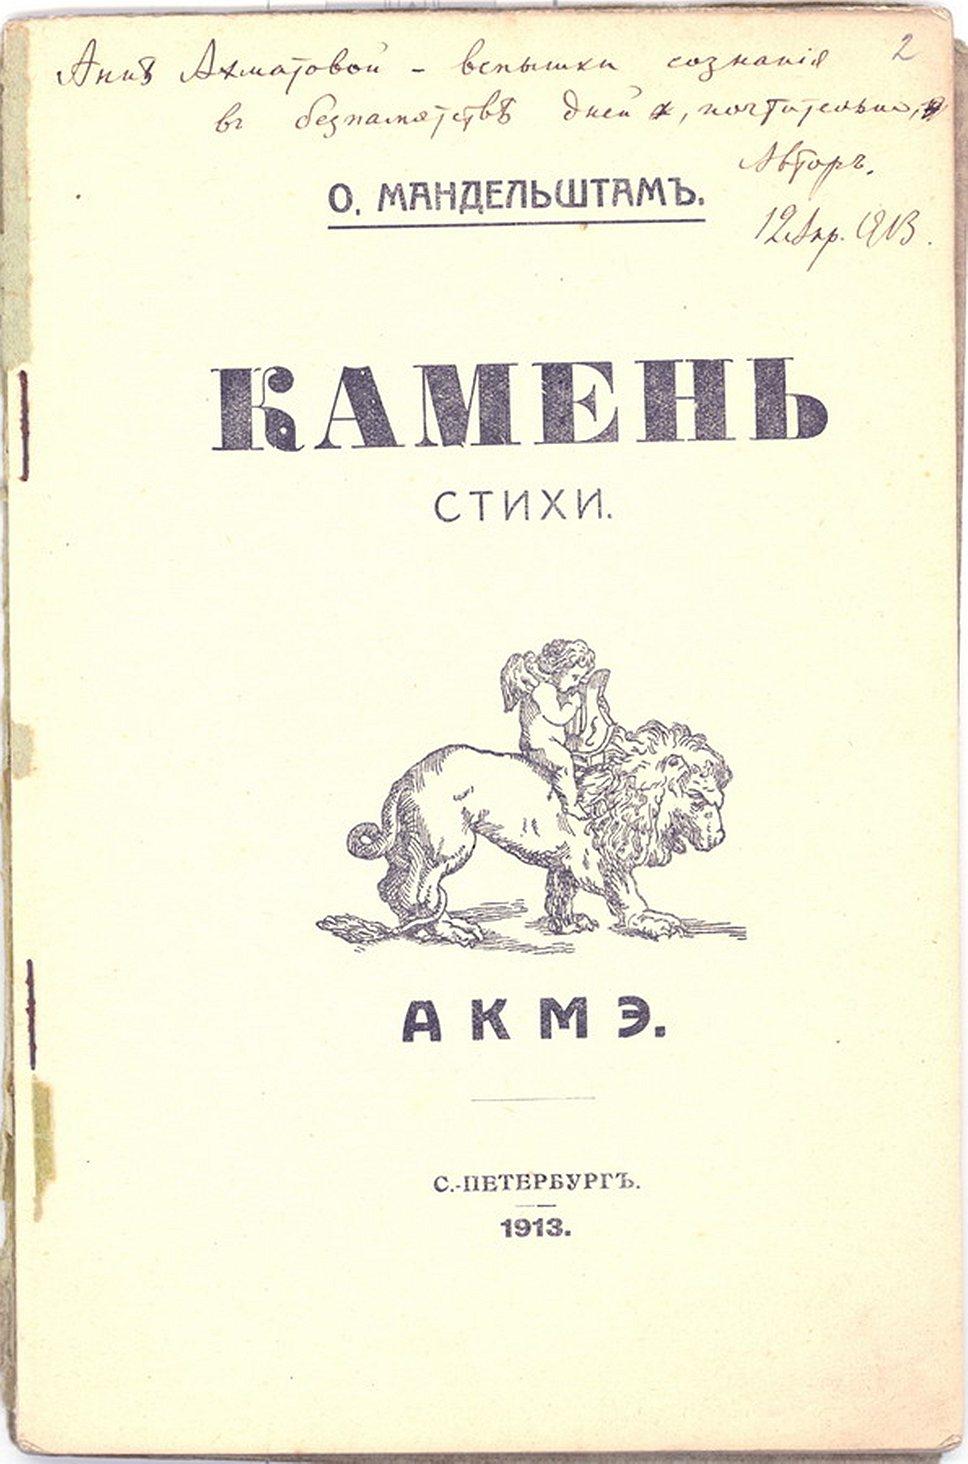 Первое издание первой книги Осипа Мандельштама с дарственной надписью Анне Ахматовой